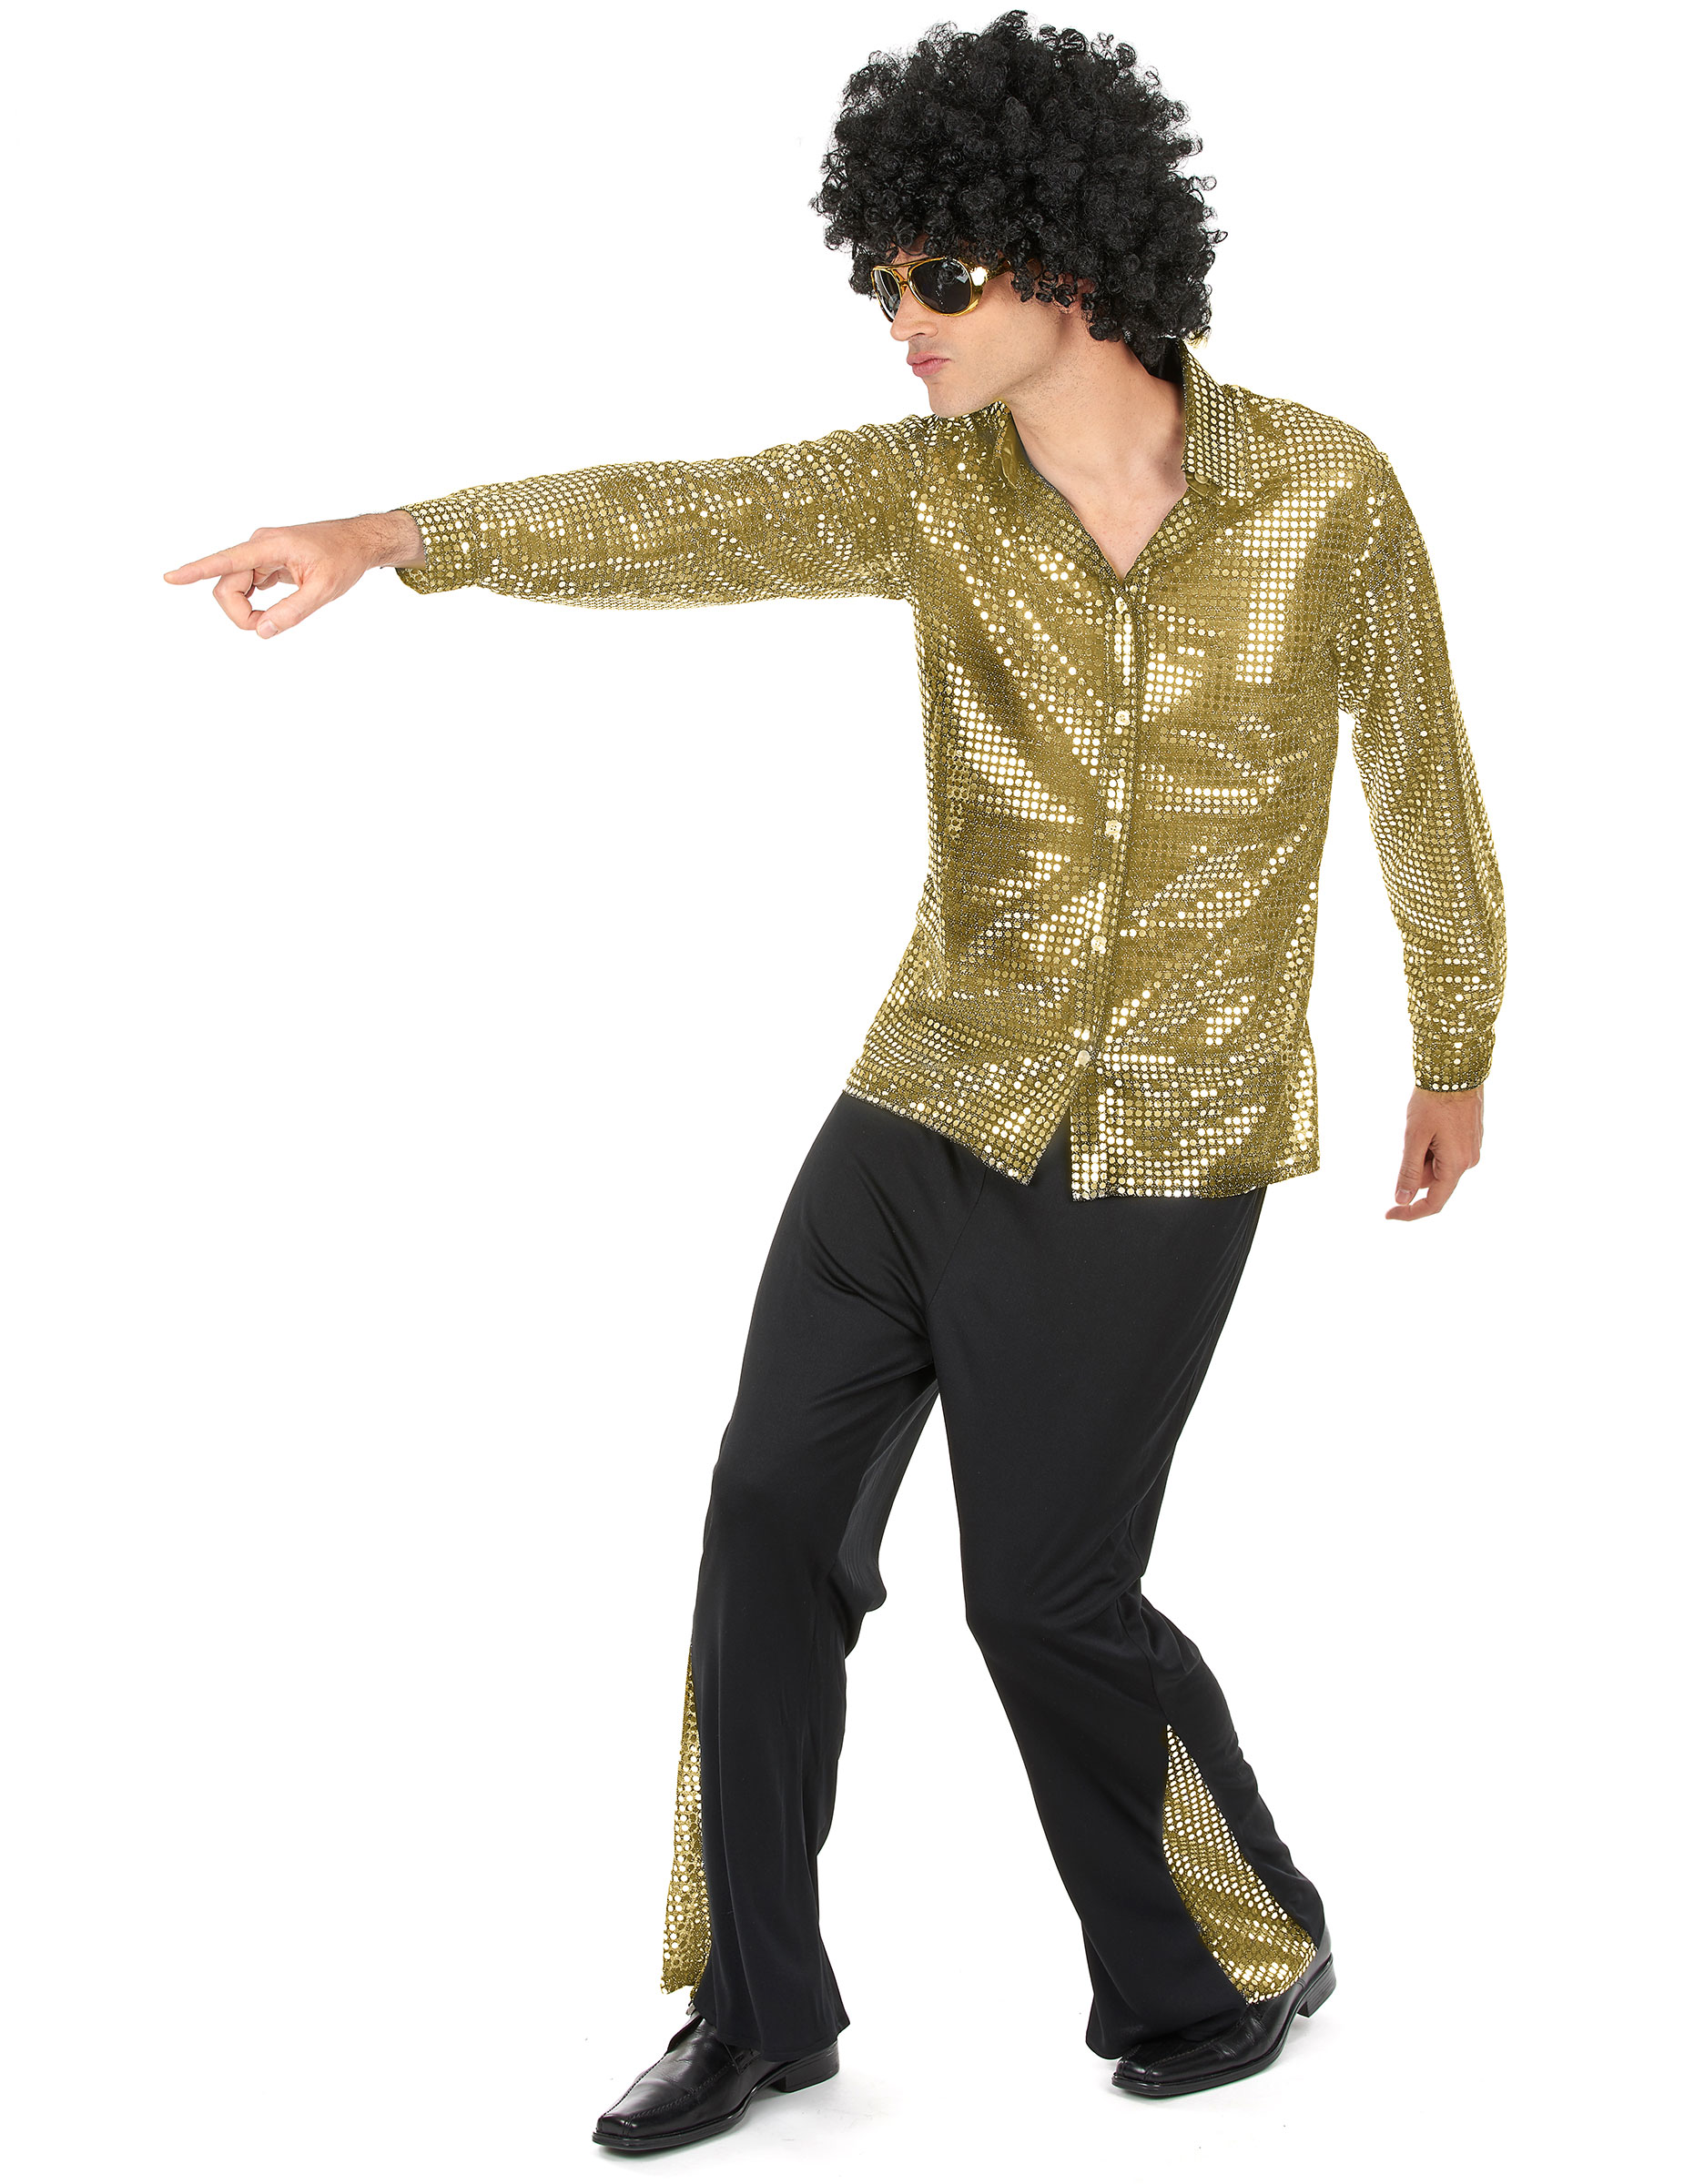 Gyllene discodräkt - Maskeradkläder för vuxna-1 5eb4a13c4c4d6